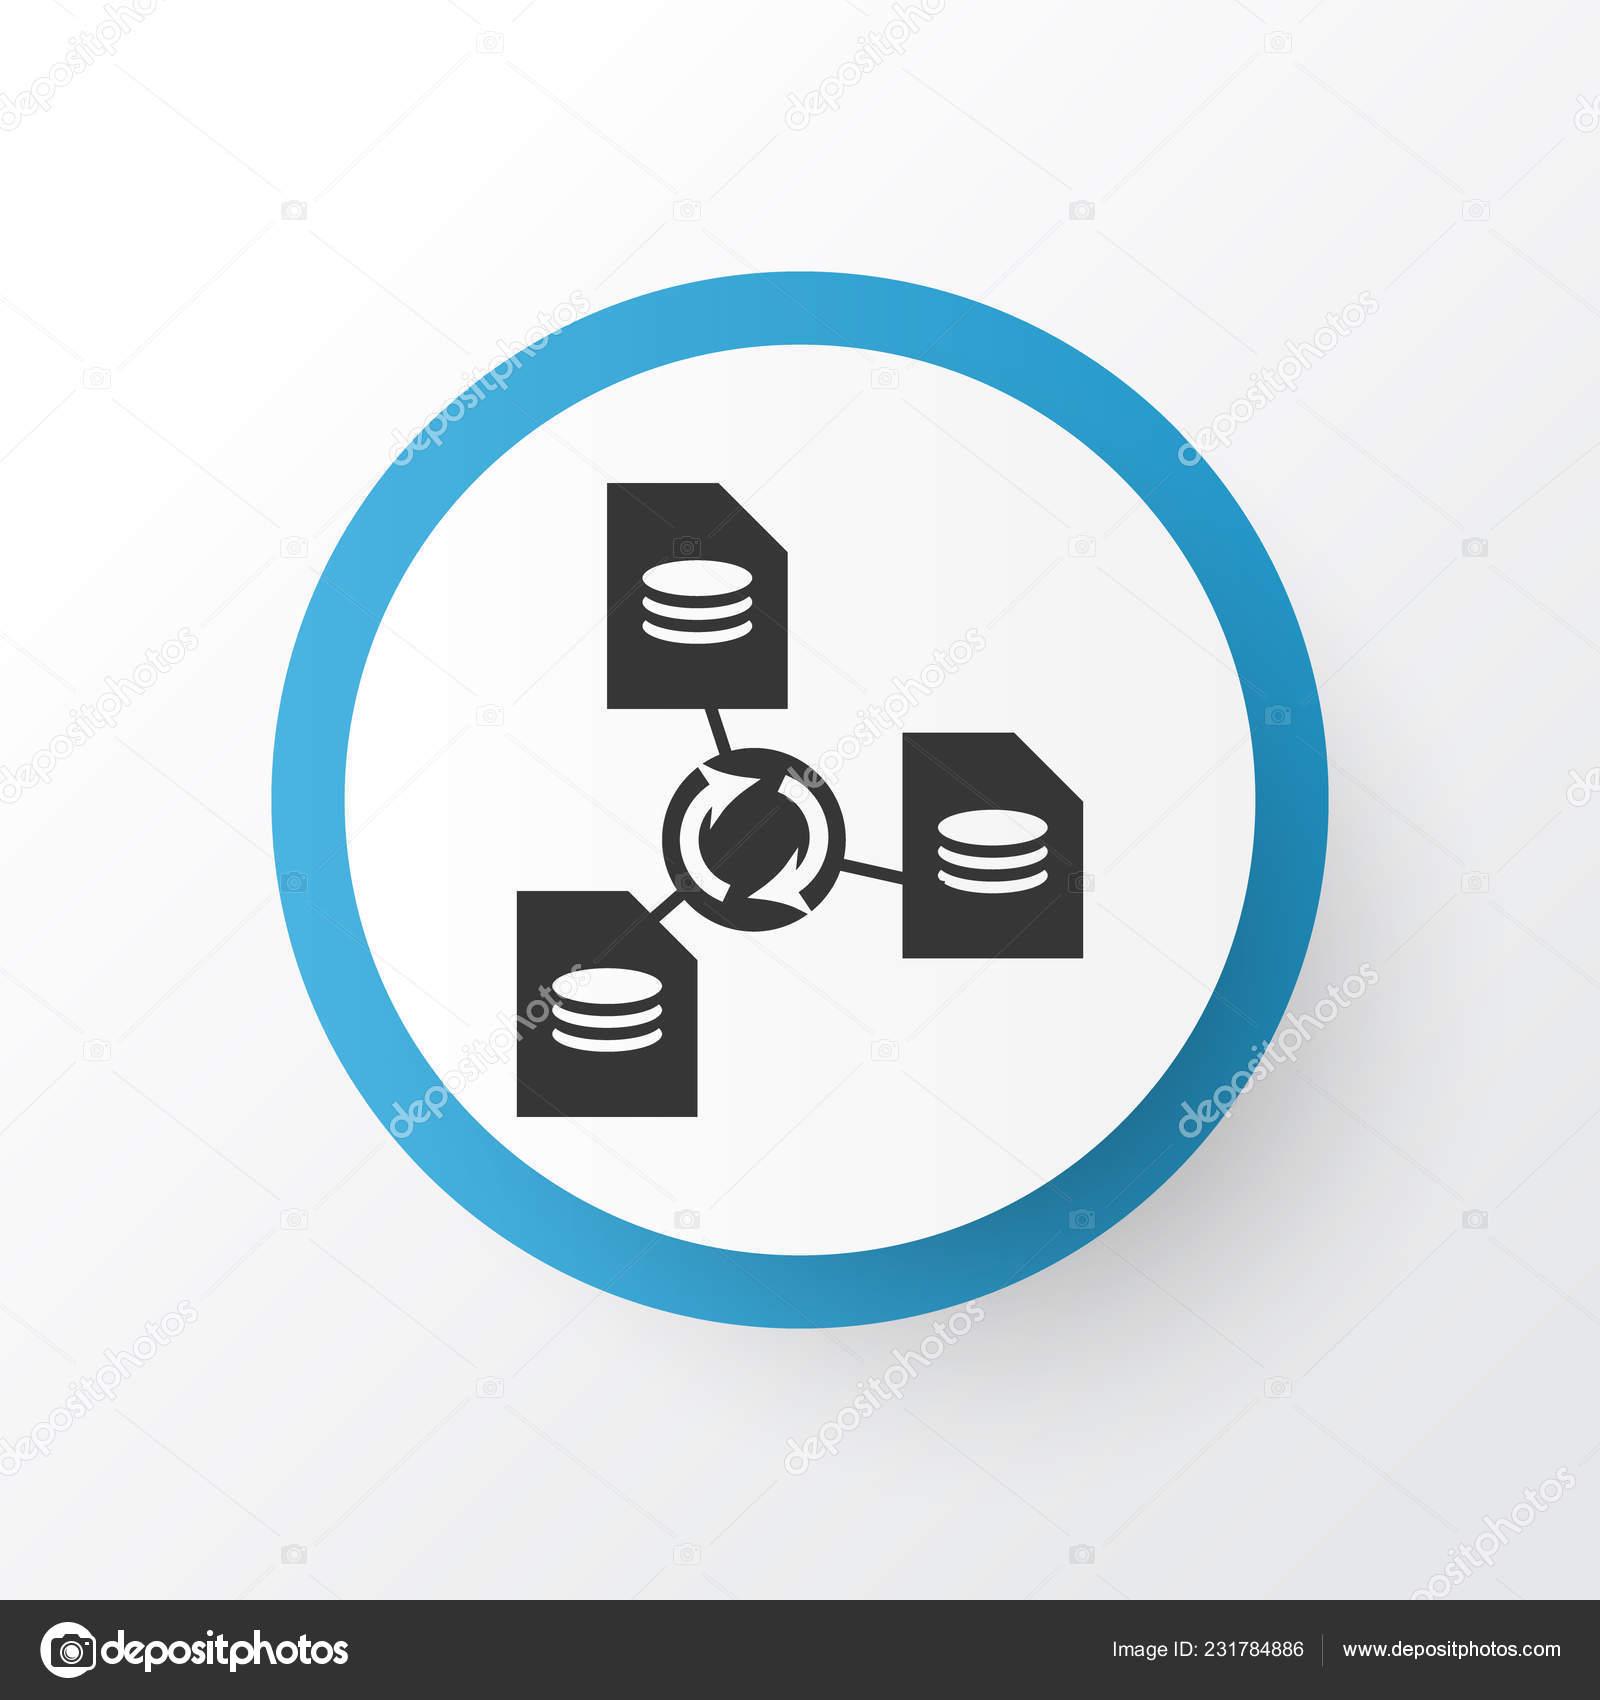 Símbolo de ícone compartilhamento de arquivo  Elemento de